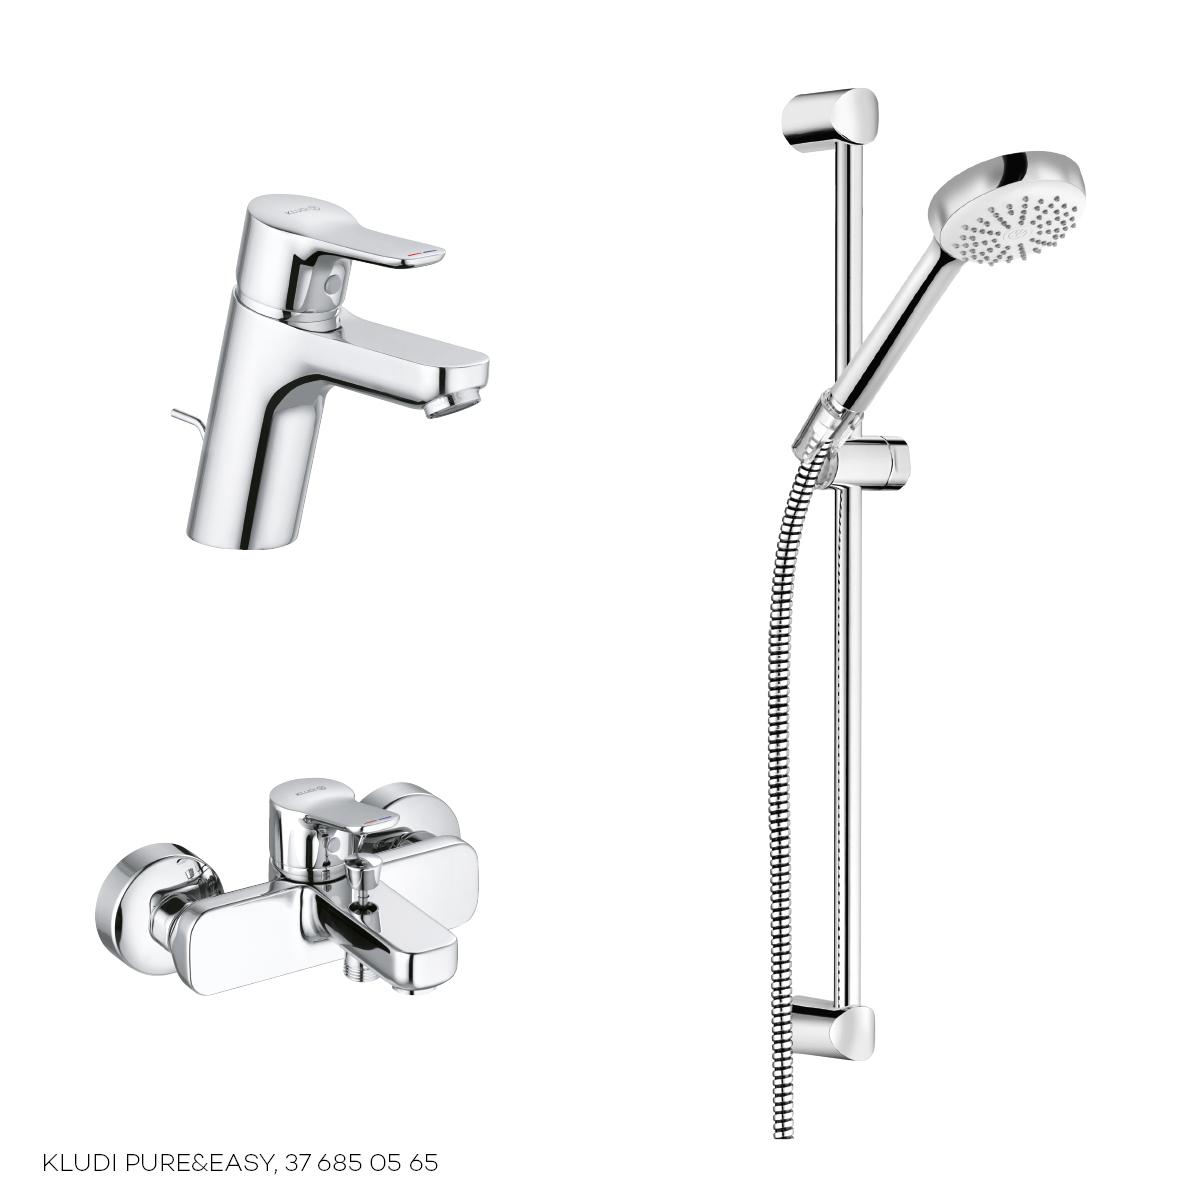 Набор смесителей 3 в 1 Kludi Pure&Easy 376850565 для ванны, хром